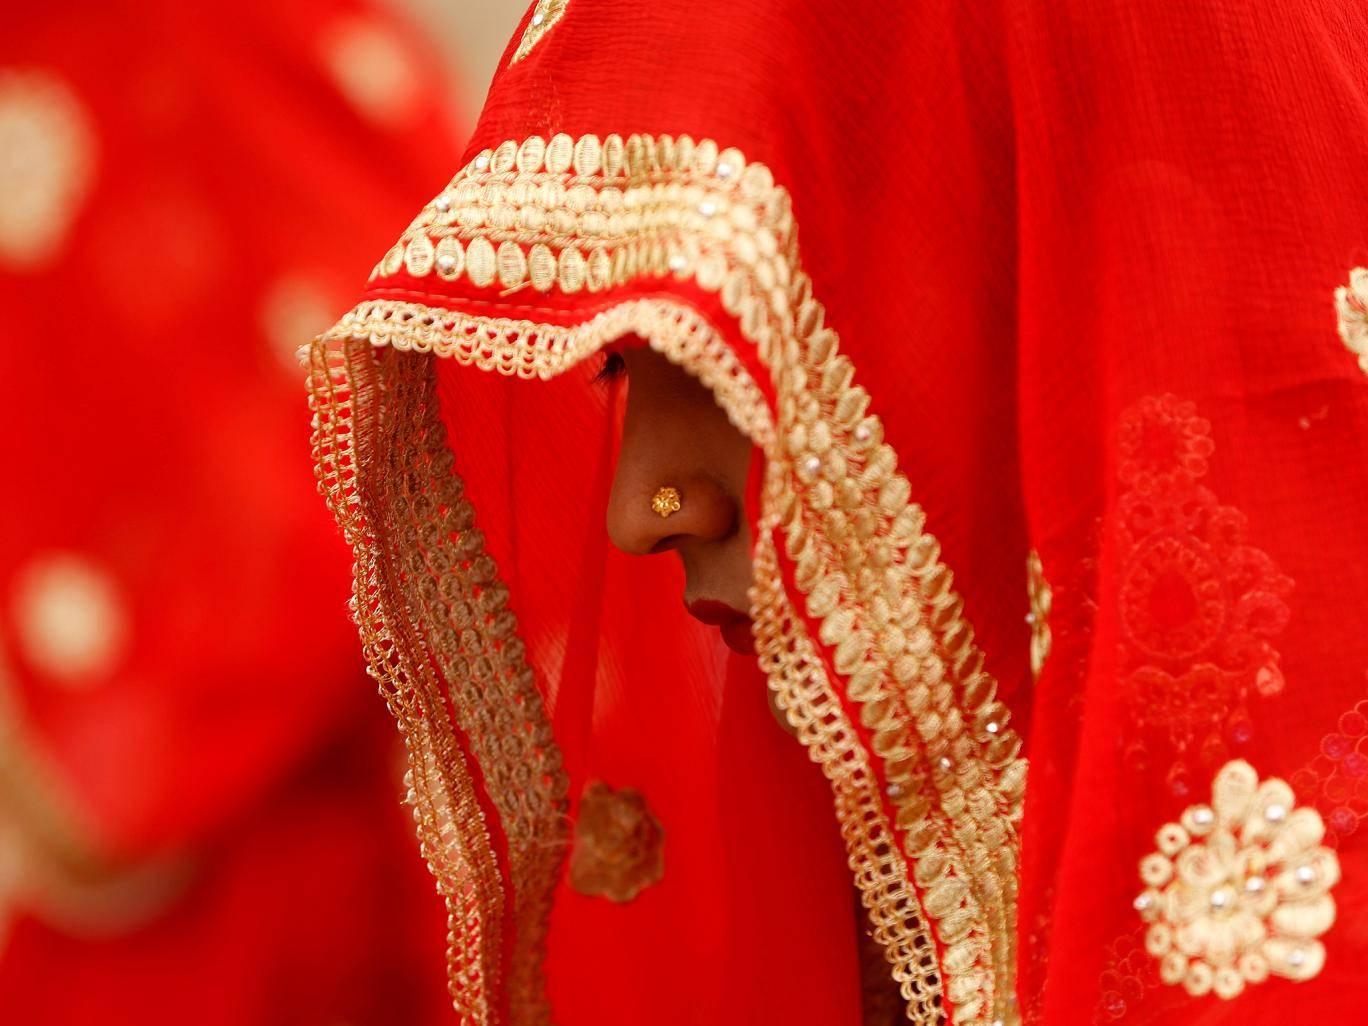 Ấn Độ: Chú rể kiểm tra trinh tiết cô dâu, hội đồng làng ngồi ngoài chờ - 1